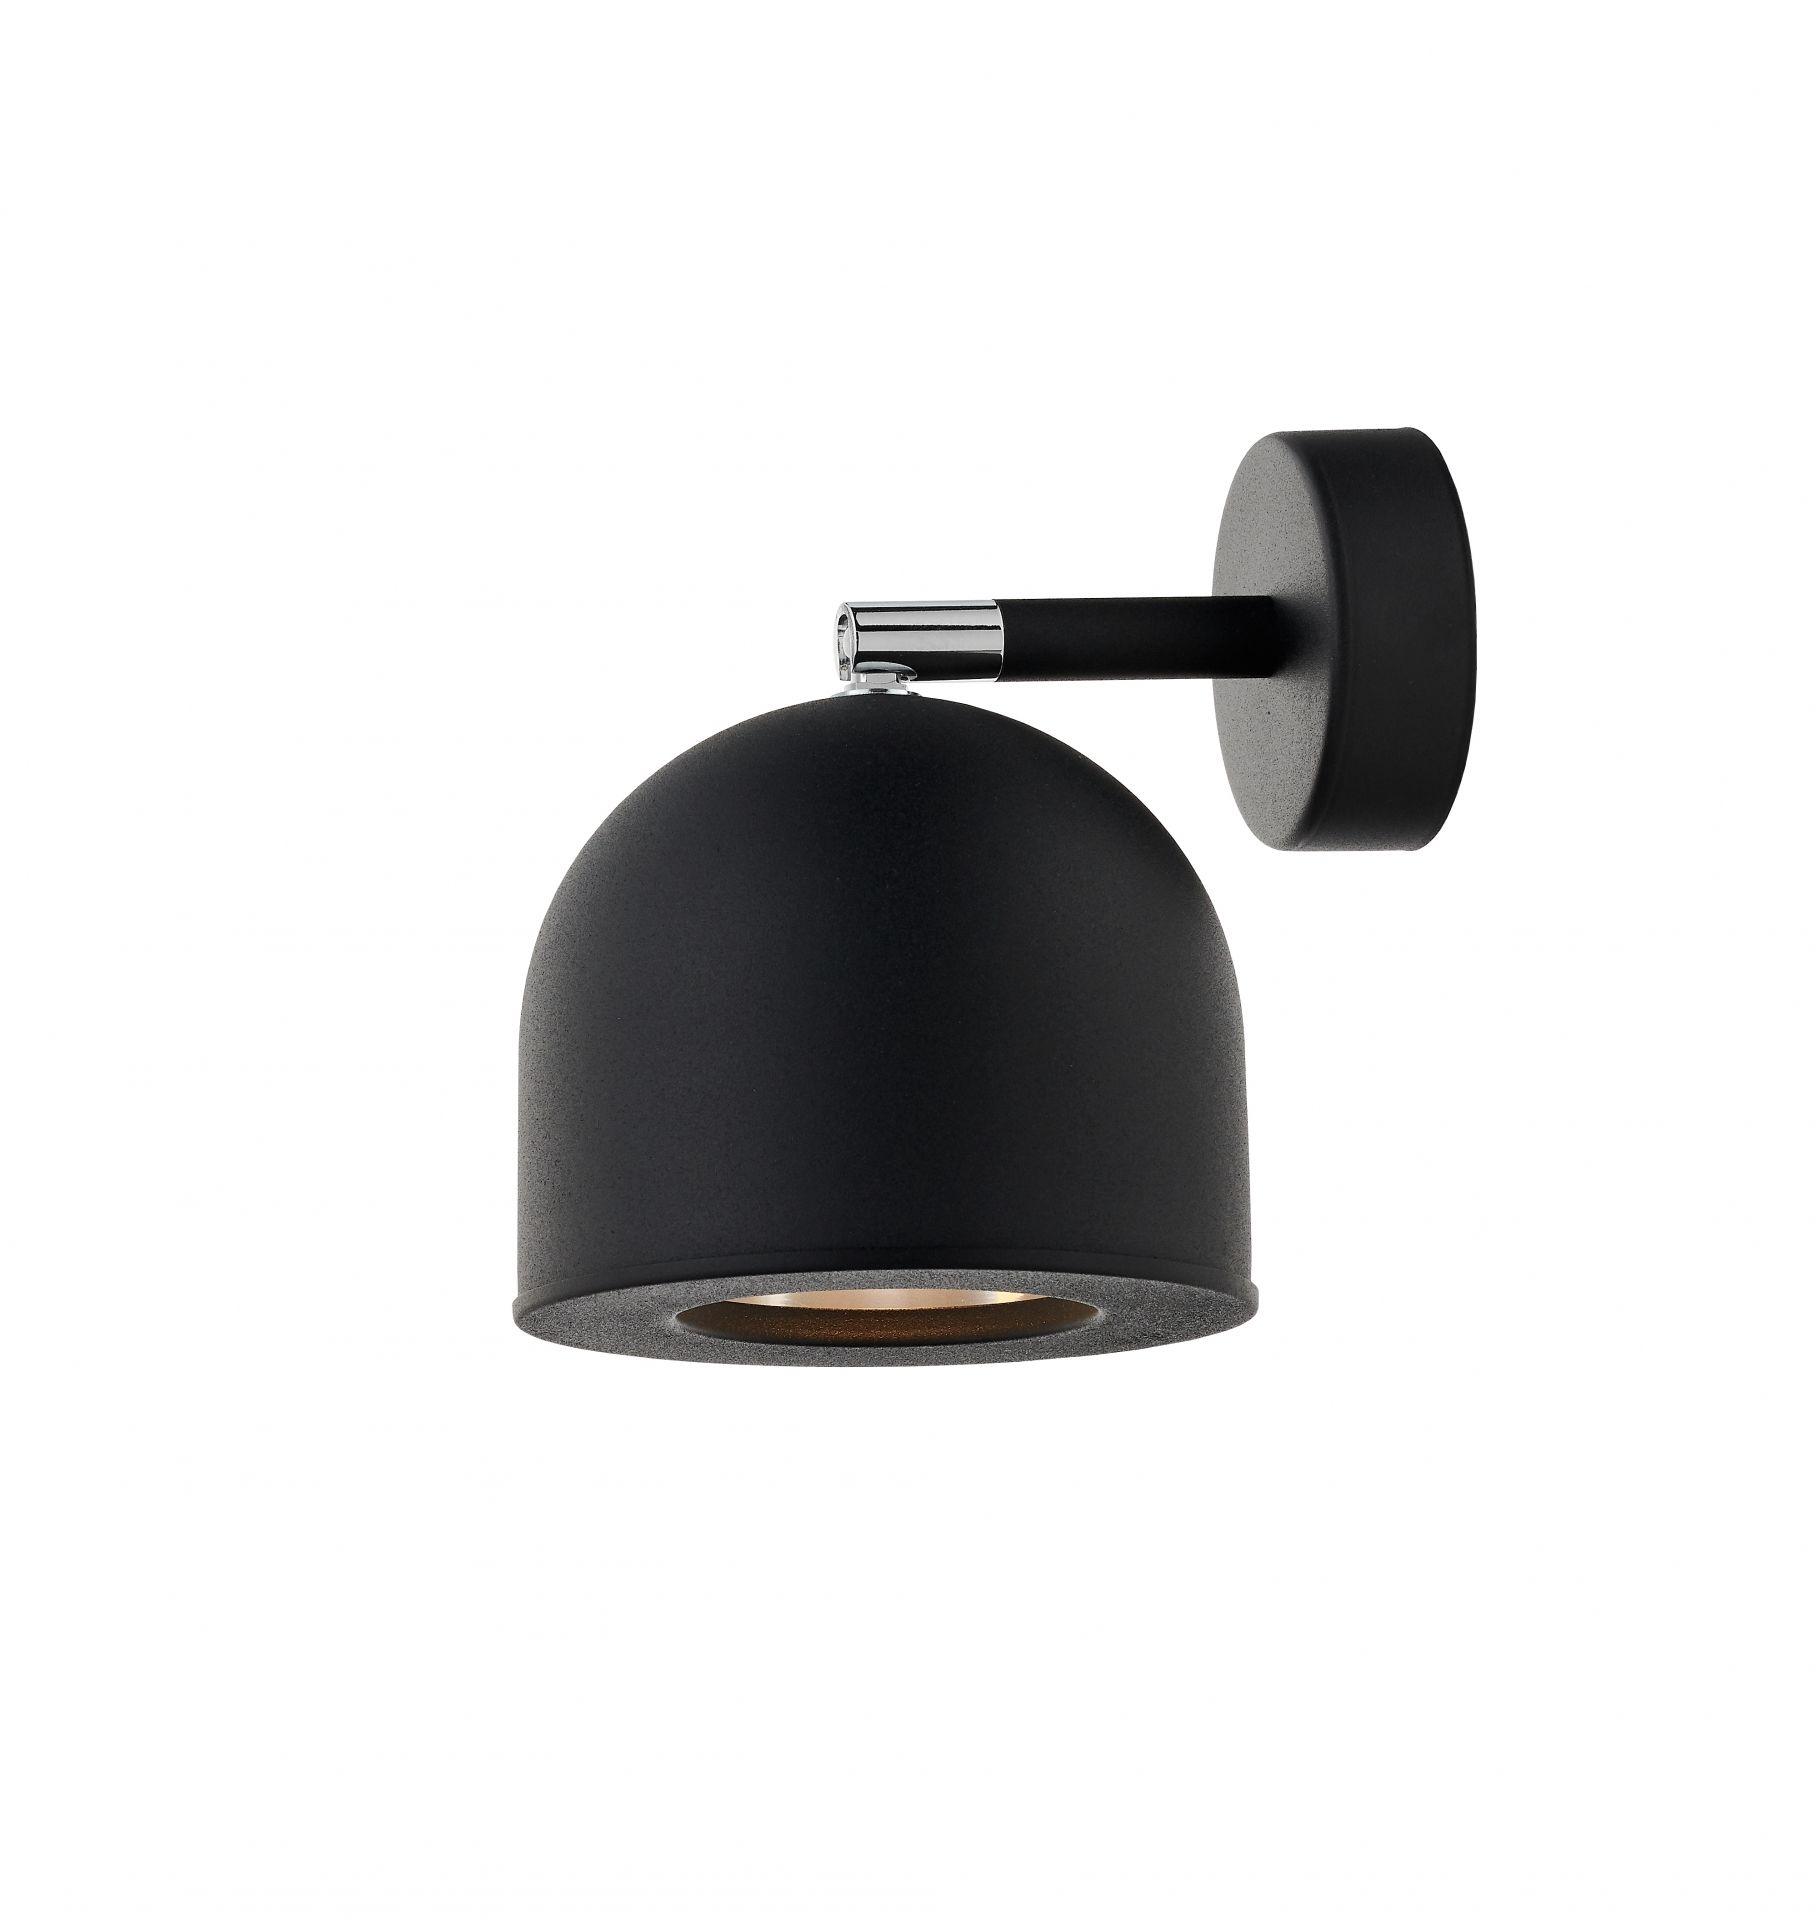 Kinkiet Pilar 50804102 KASPA czarna oprawa w minimalistycznym stylu